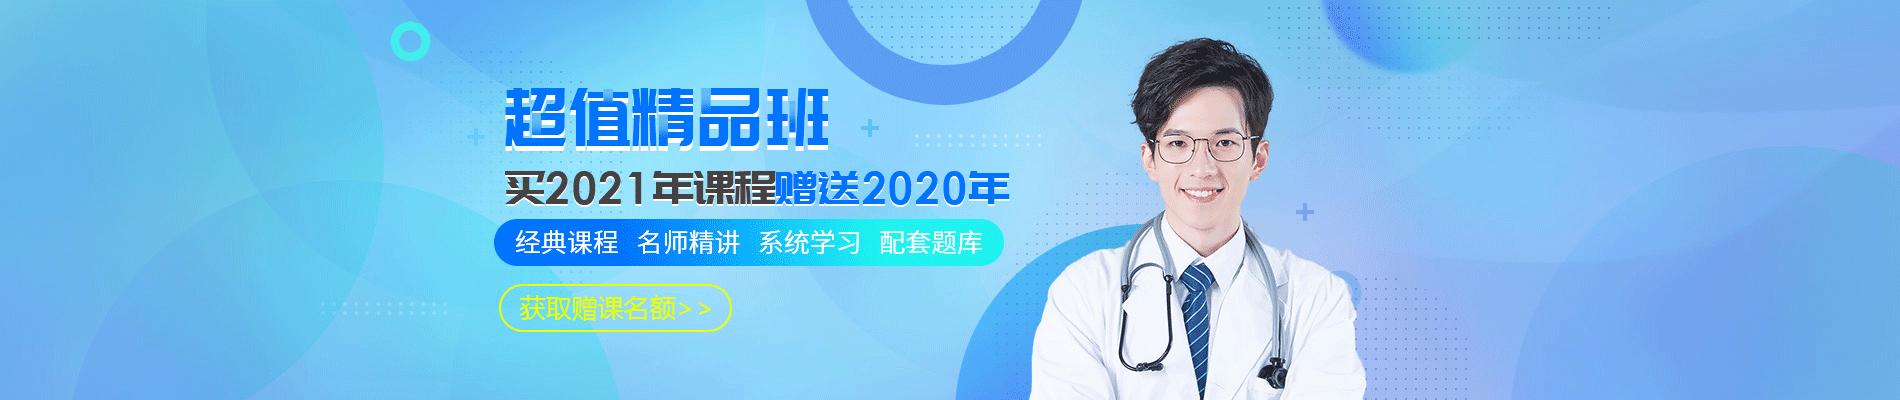 中西医执业医师考试远程复习